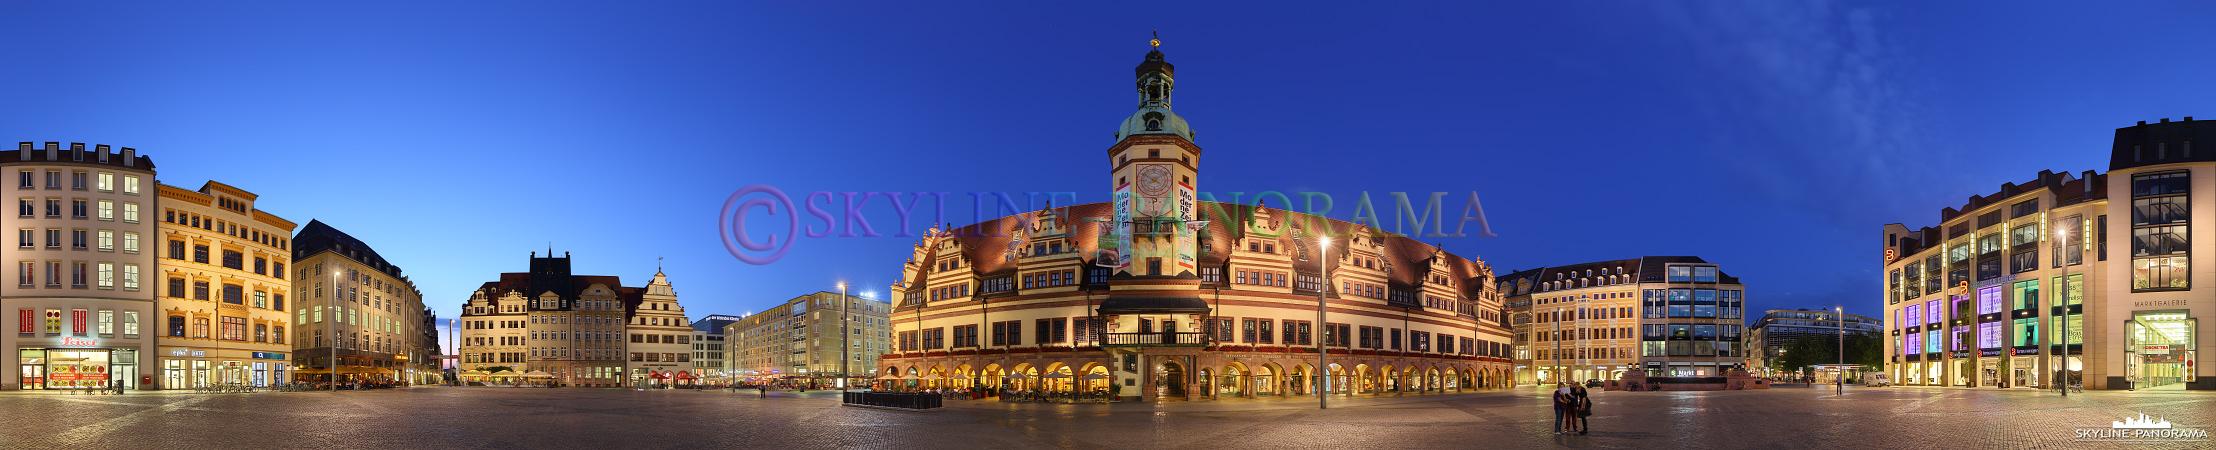 Leipzig Panorama – Die abendliche Ansicht aus der Mitte des Leipziger Marktplatzes als 360 Grad Panorama mit dem historischen Rathaus im Zentrum dieser Aufnahme.